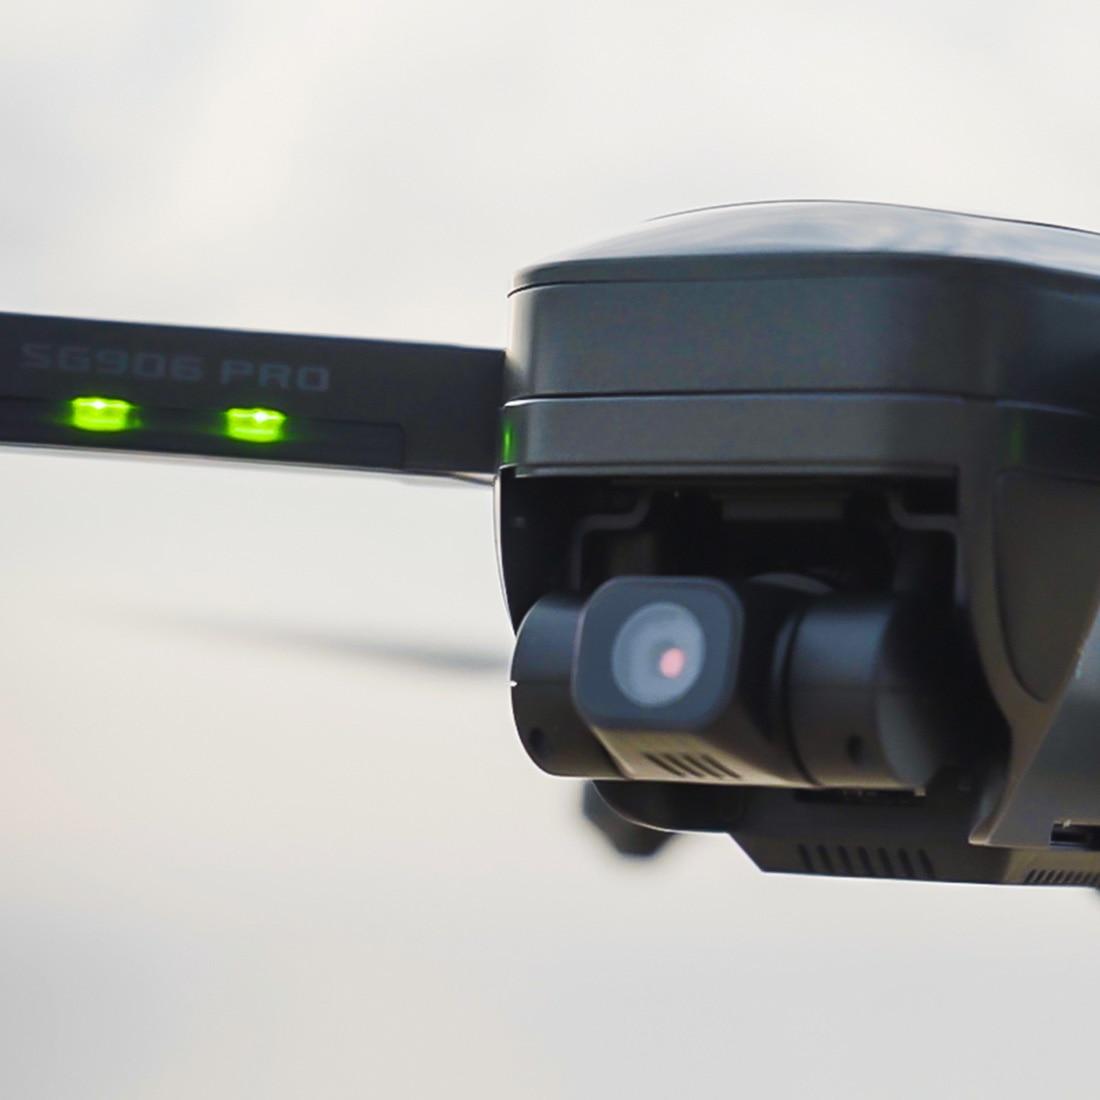 2020 Neue Sg906pro 5g Wifi Fpv Drone Mit Gps Bürstenlosen 4k Mechanische Zwei-achse Anti-schütteln kamera Rc Folding Quadcopter Drone